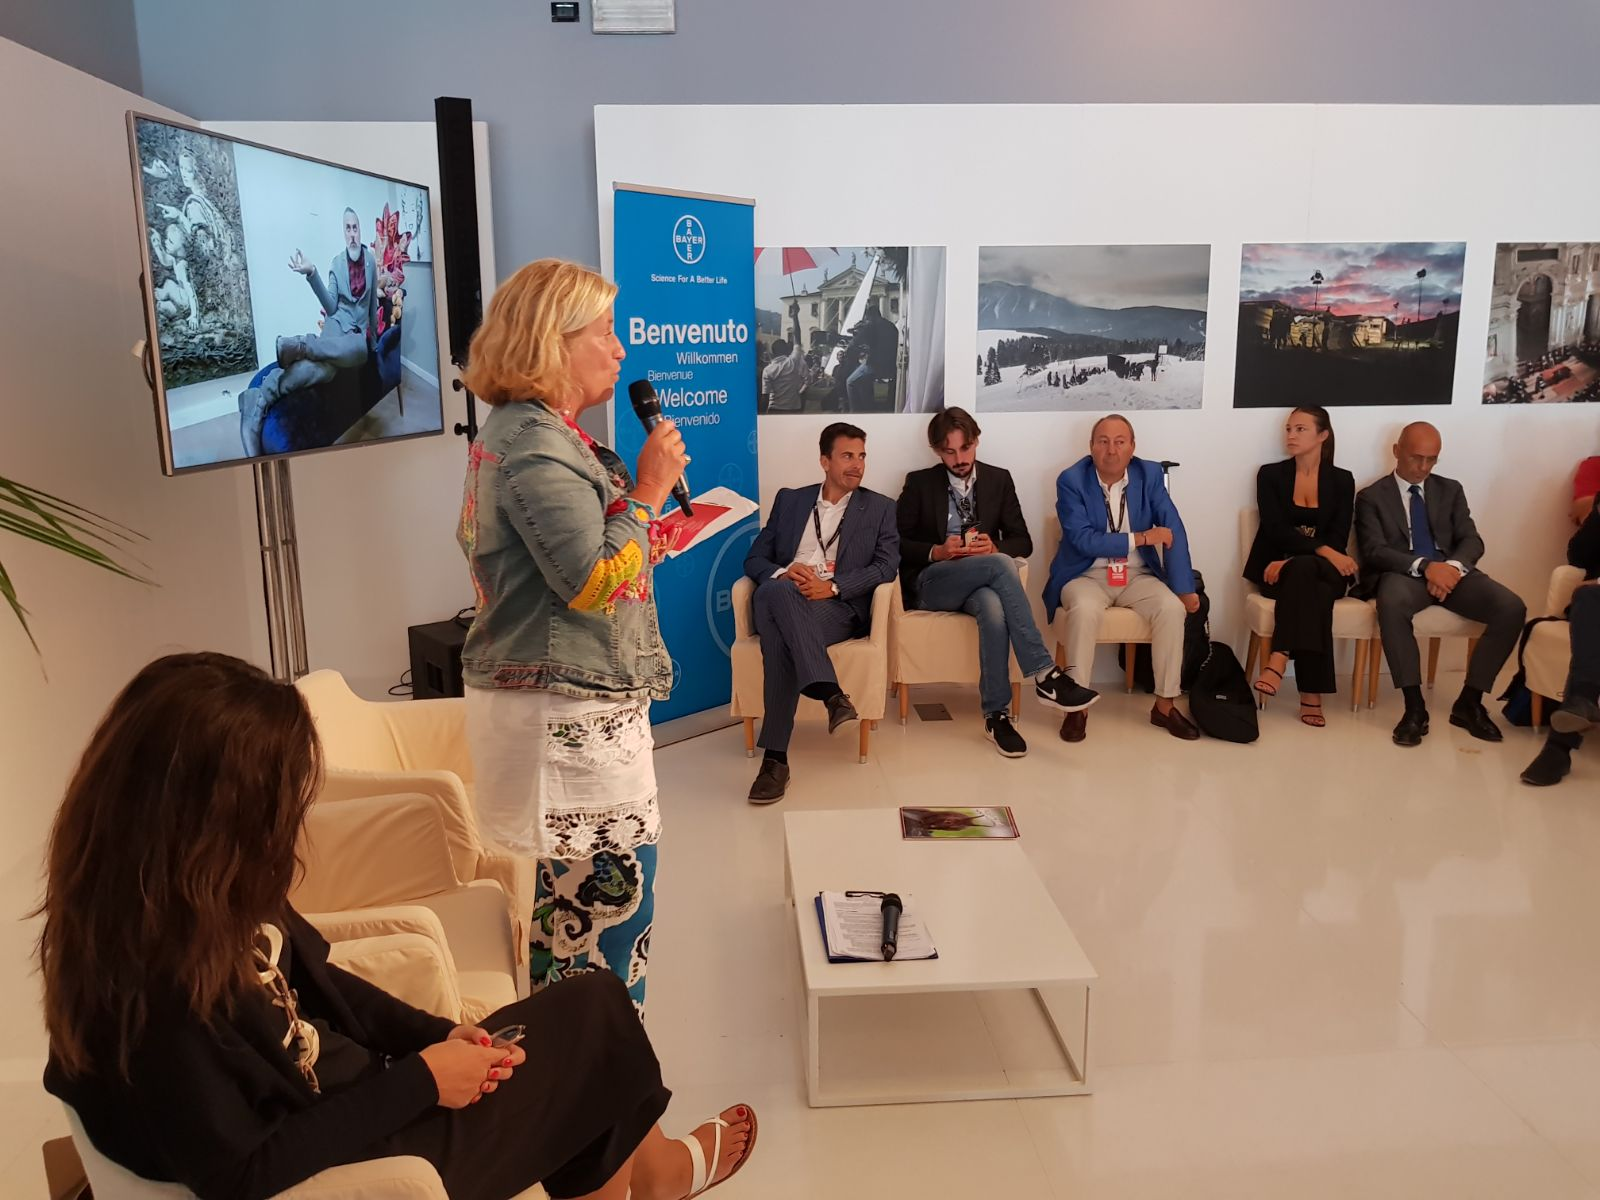 conferenza-stampa-venezia-2017 (4)